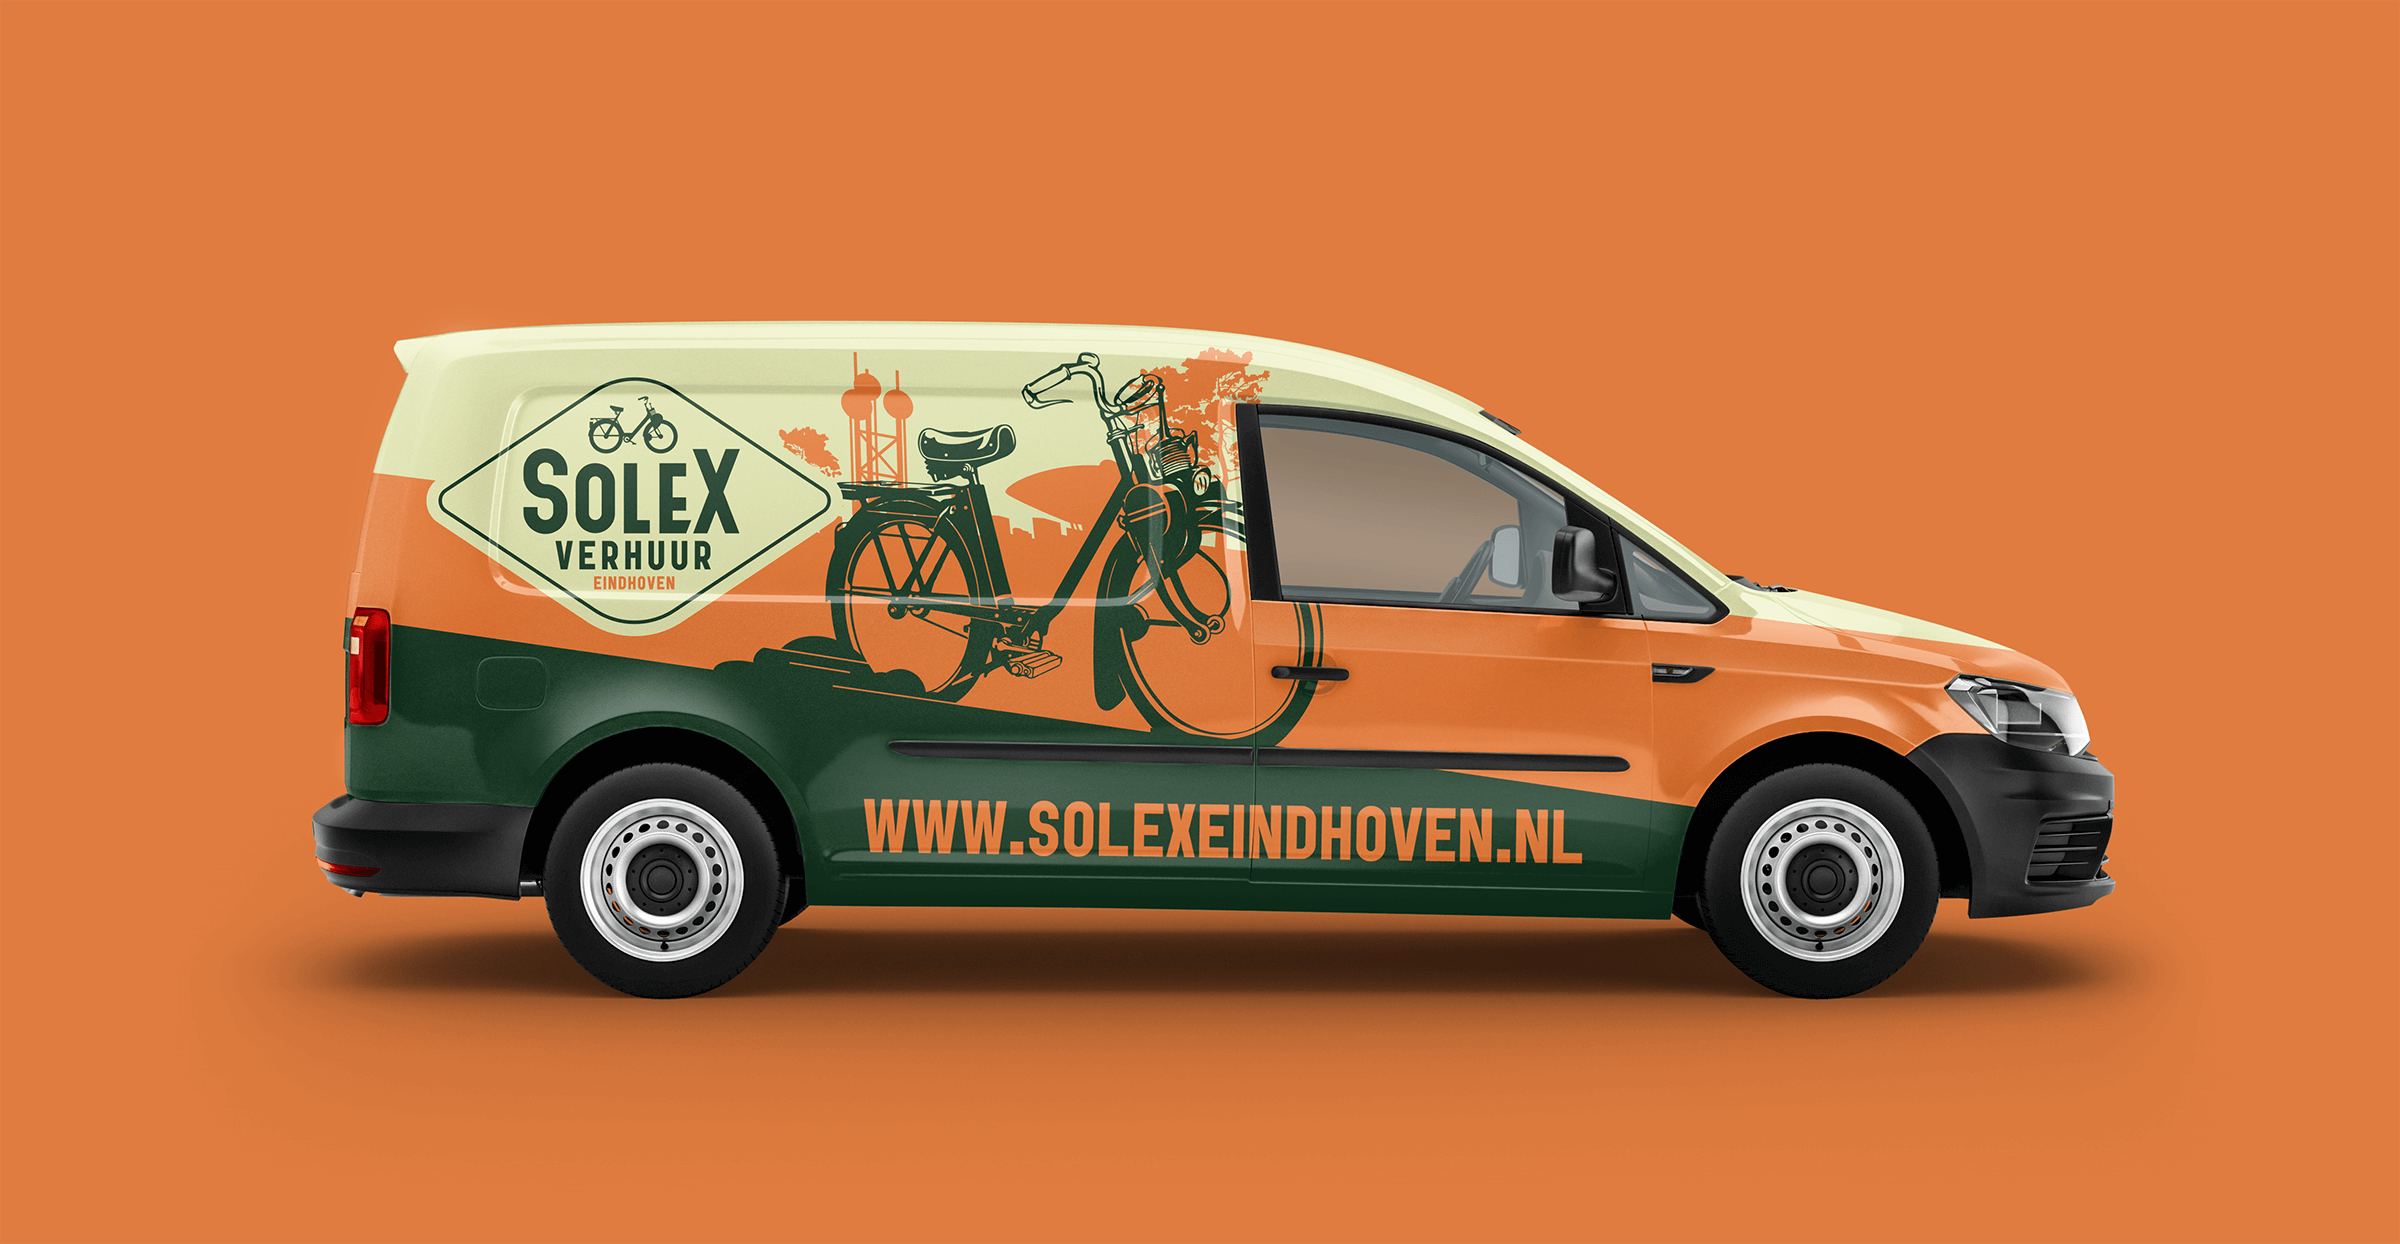 Solex-verhuur_bus